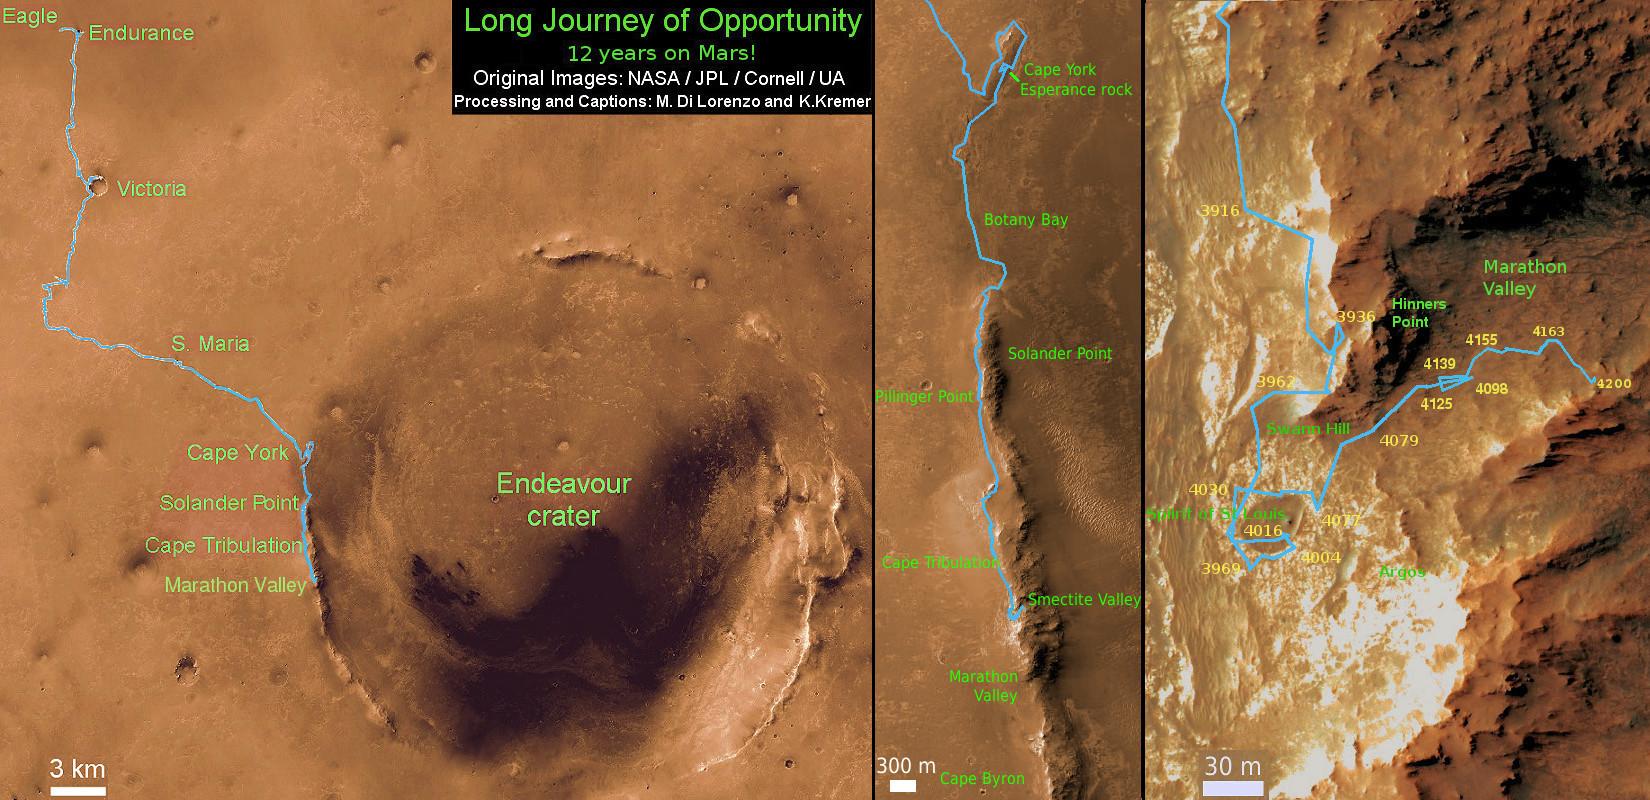 NASA'nın Opportunity keşif aracının 2004'ten bugüne 12 yıllık yol haritası.